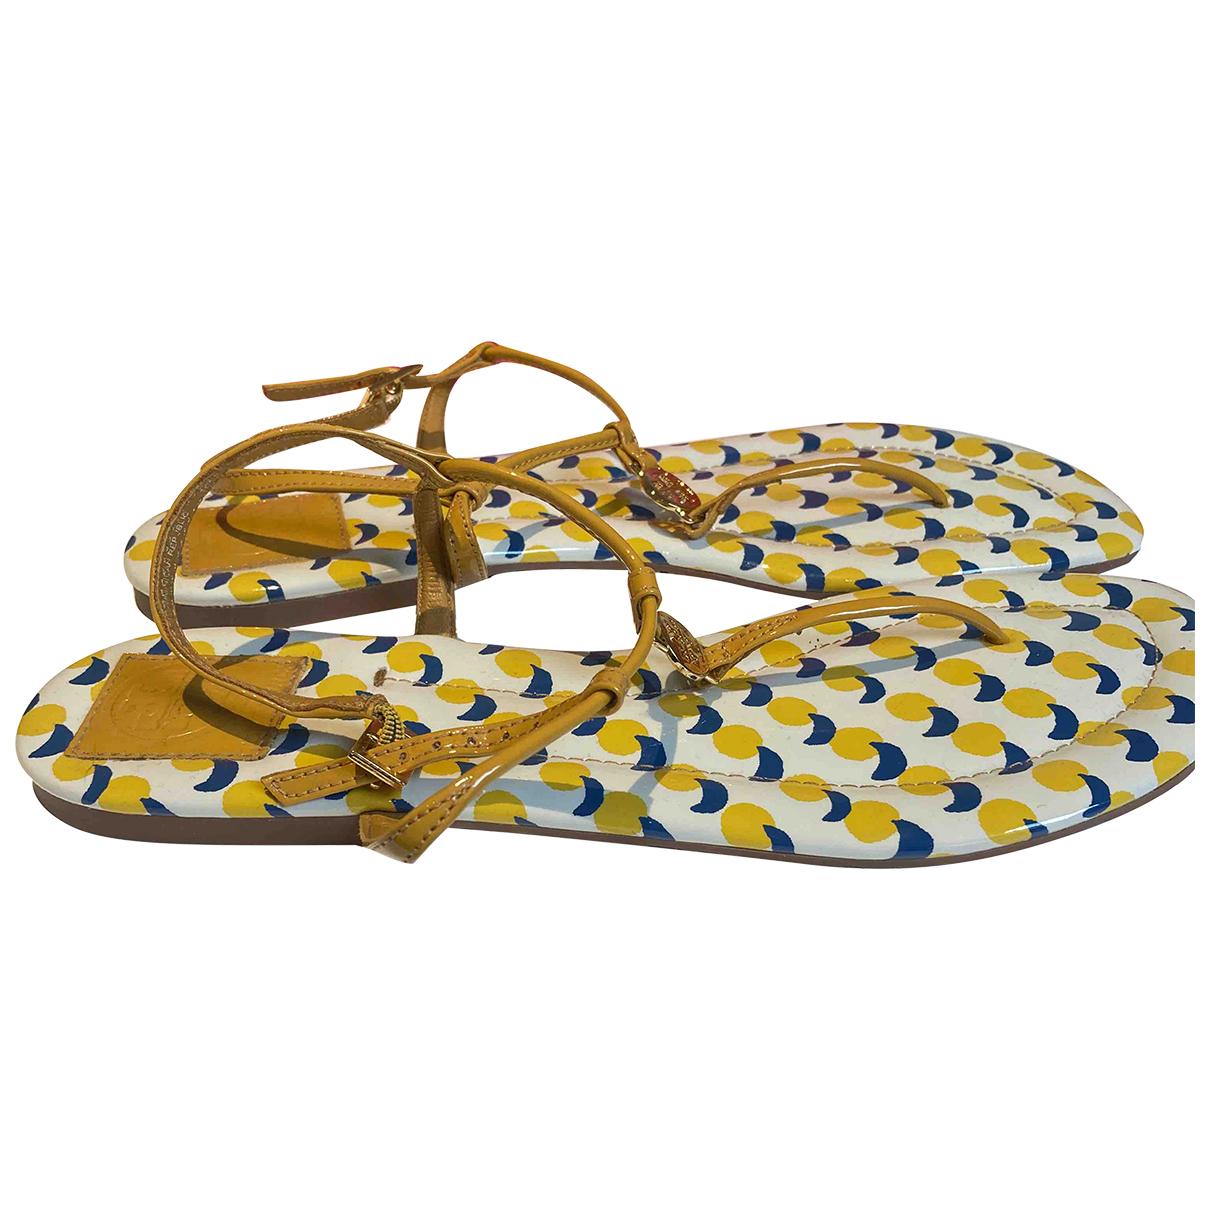 Tory Burch - Sandales   pour femme en cuir - jaune